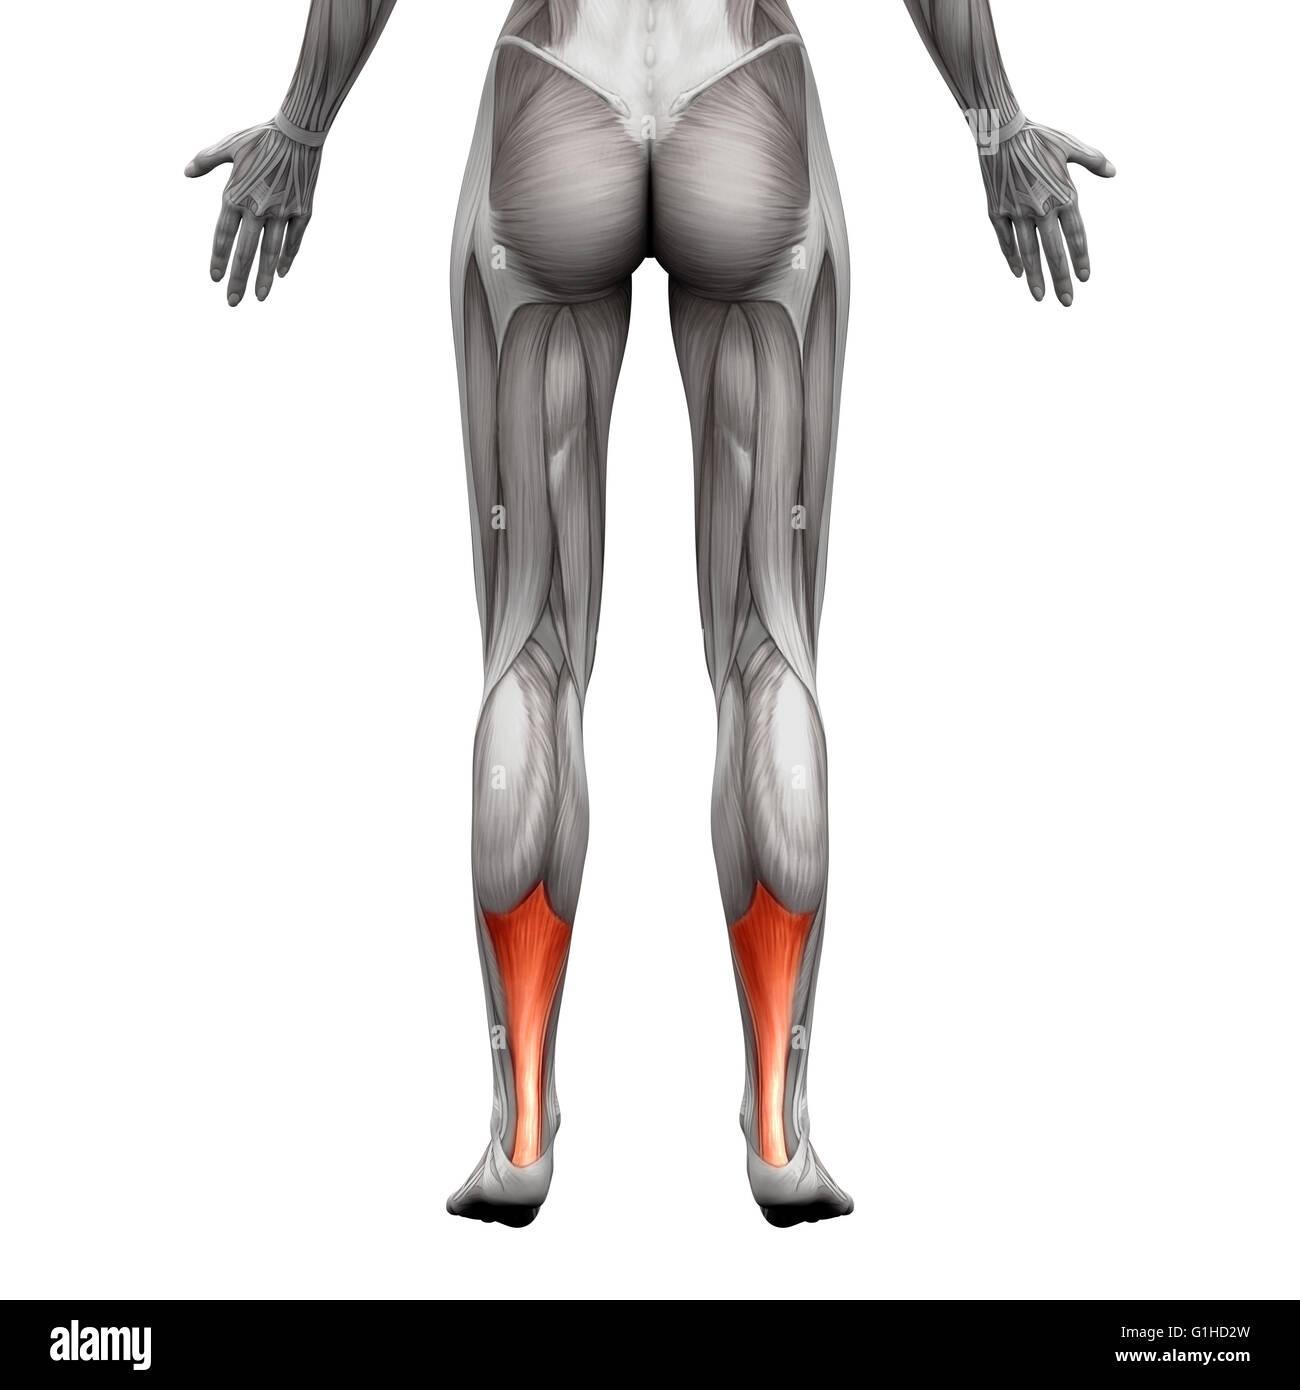 Ziemlich Menschliche Anatomie Muskeln Diagramm Fotos - Menschliche ...